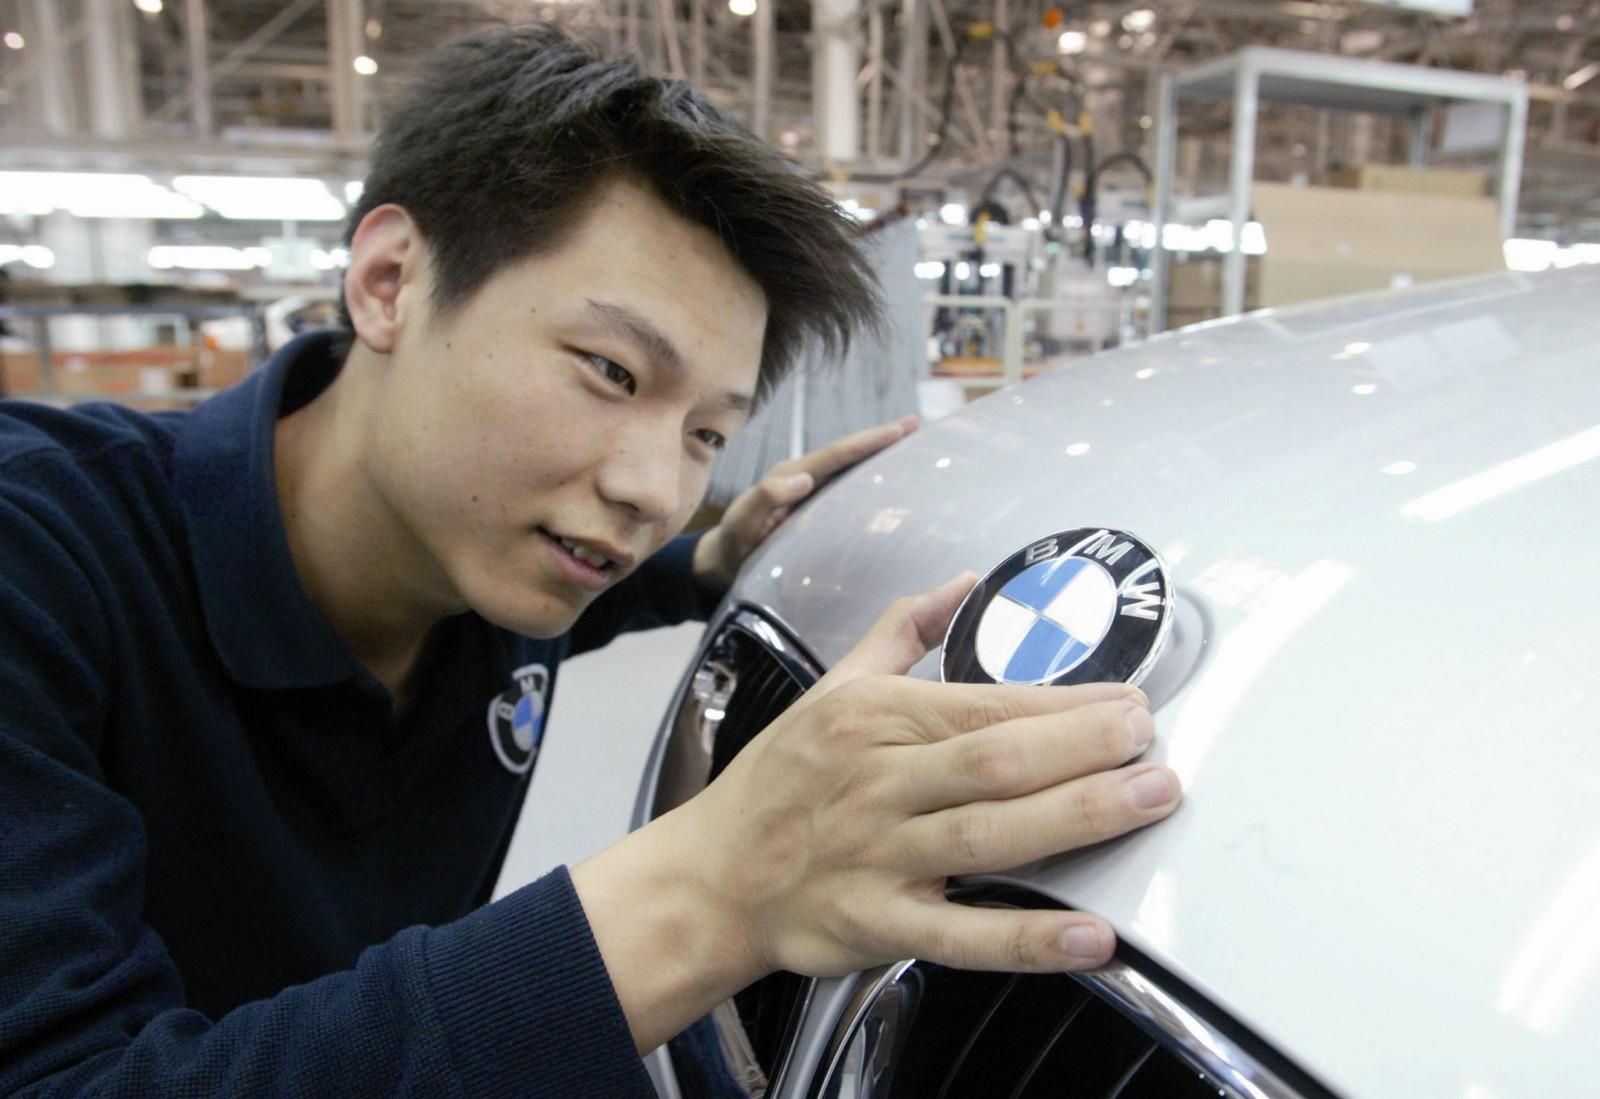 Milionarii Chinei revoluționează piața de mașini second-hand: Vând bolizii după câteva zile de utilizare